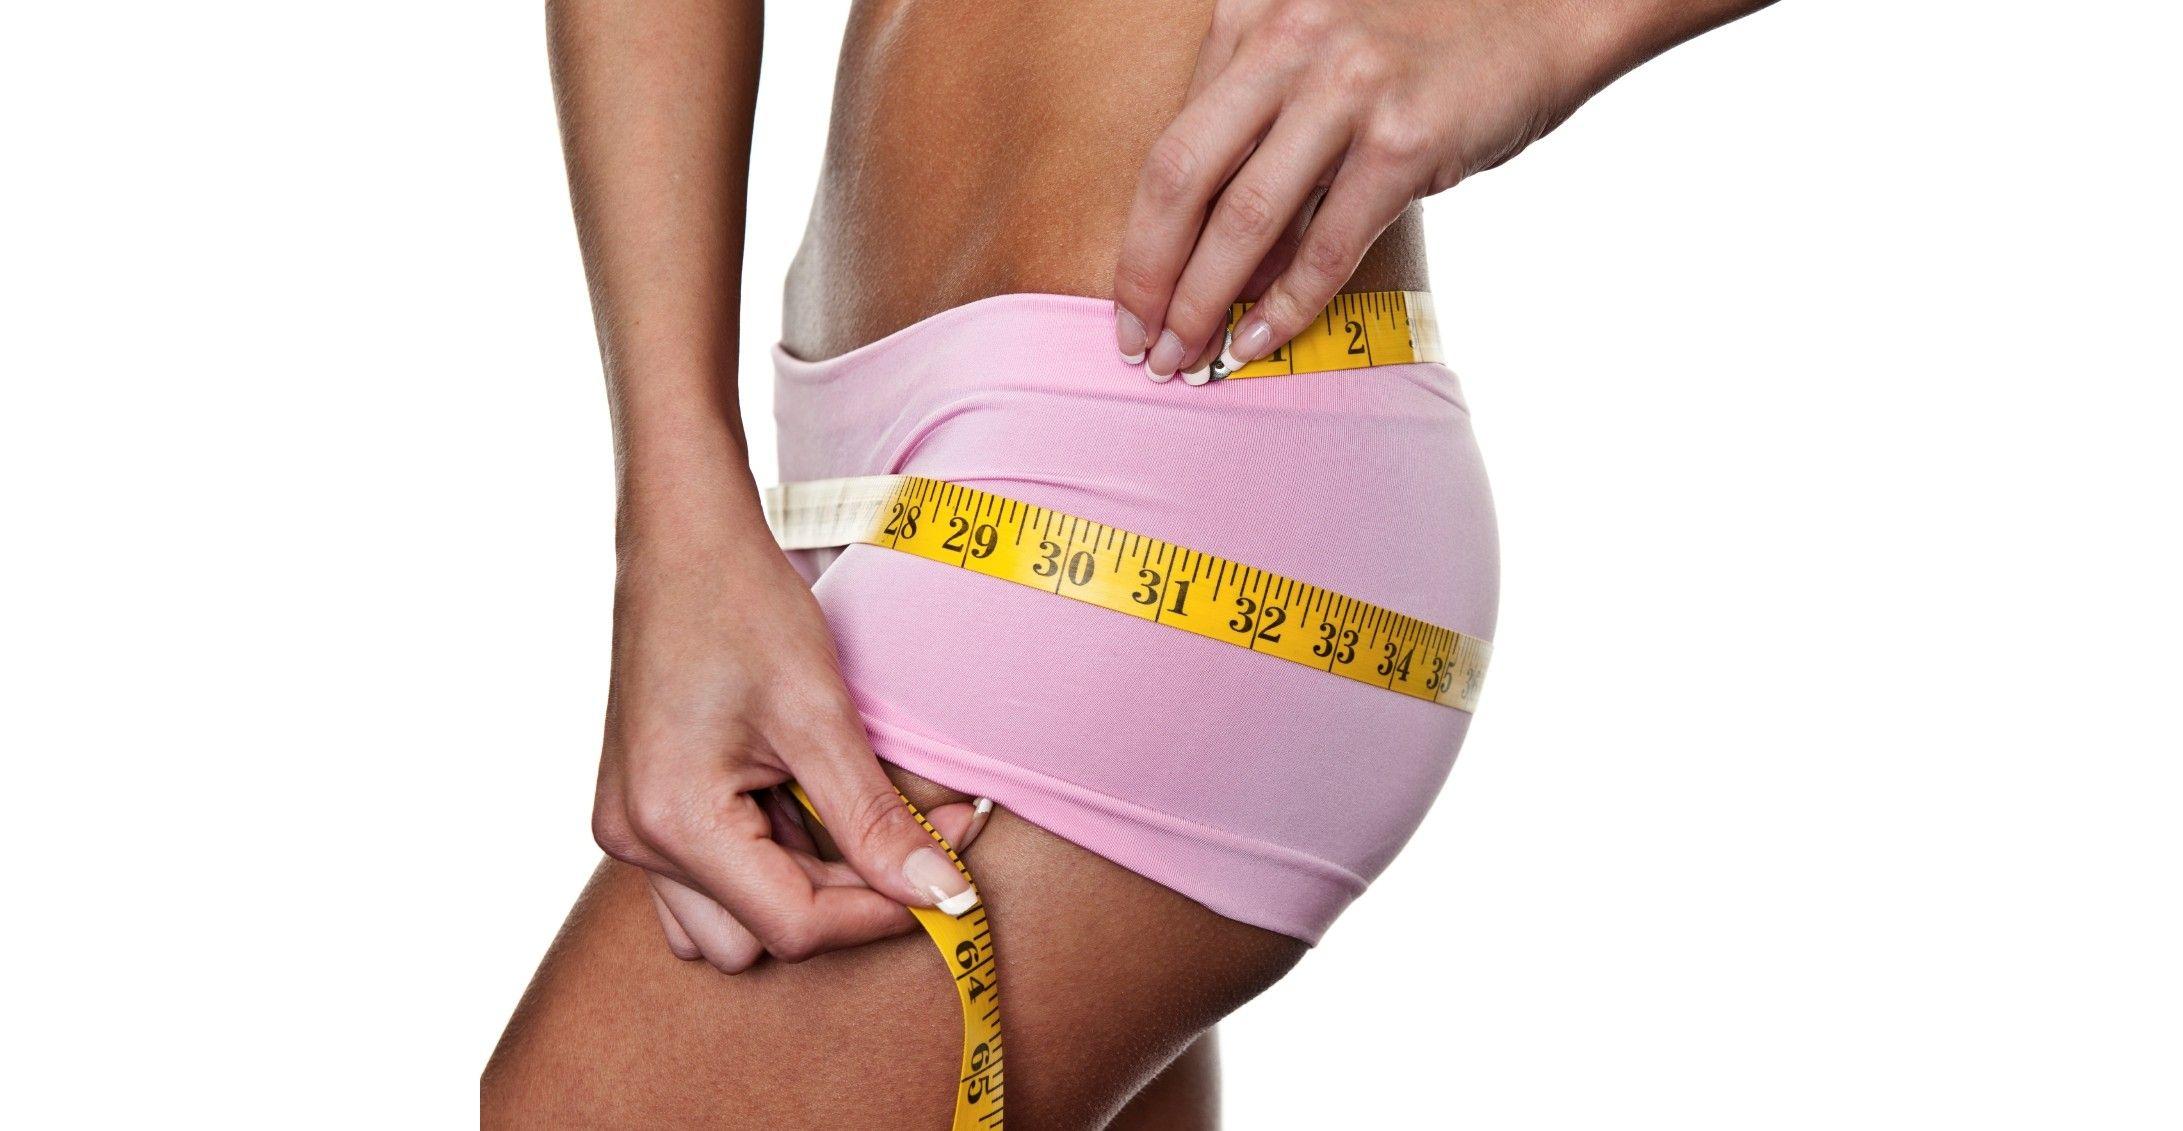 puteți slăbi cu menopauză cum să stimulezi metabolismul și să pierzi grăsimea